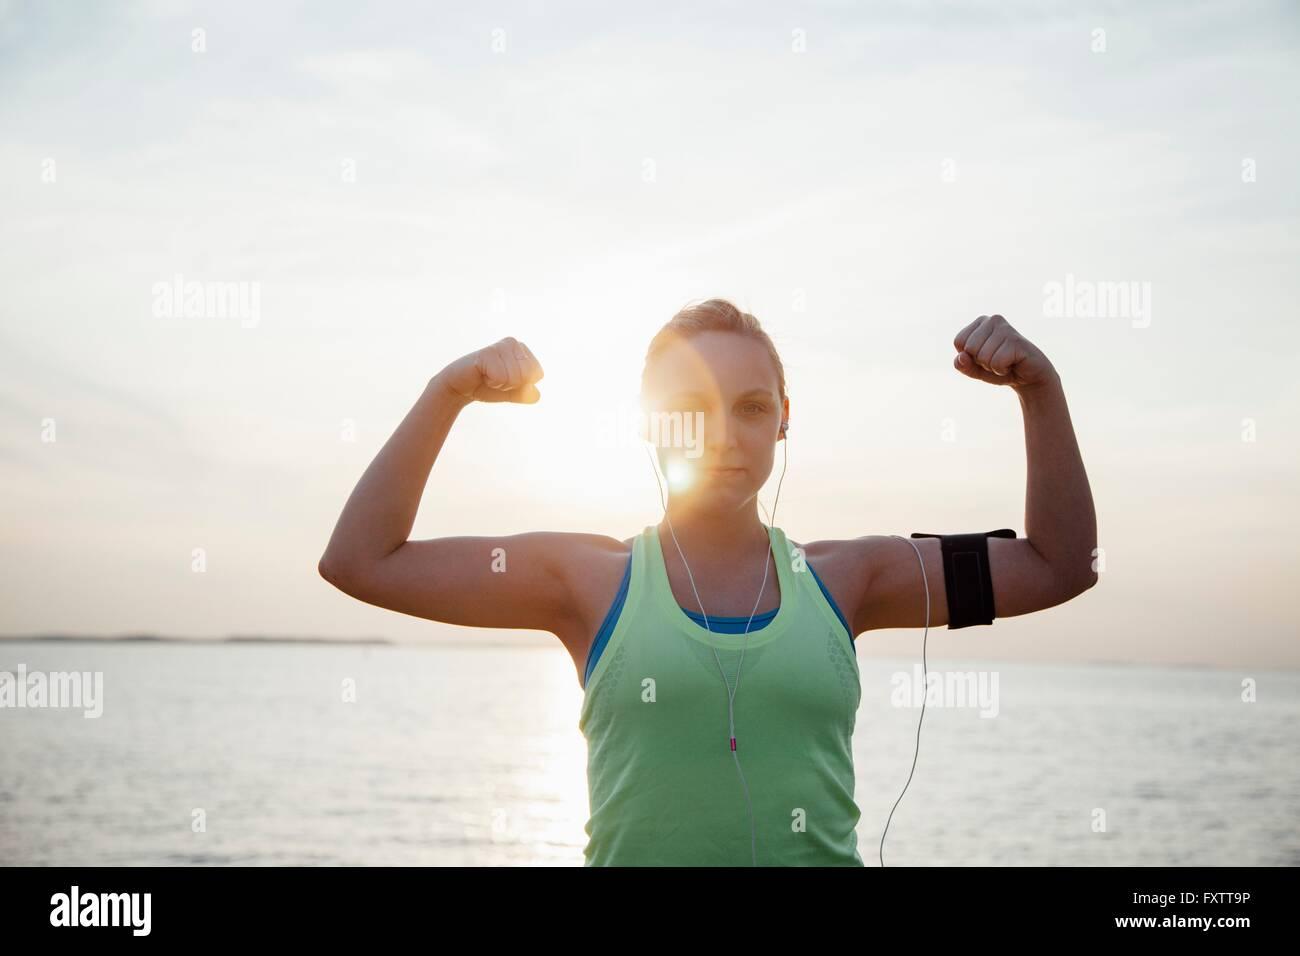 Mujer vistiendo rastreador, flexionando los músculos de los brazos levantados mirando a la cámara Imagen De Stock